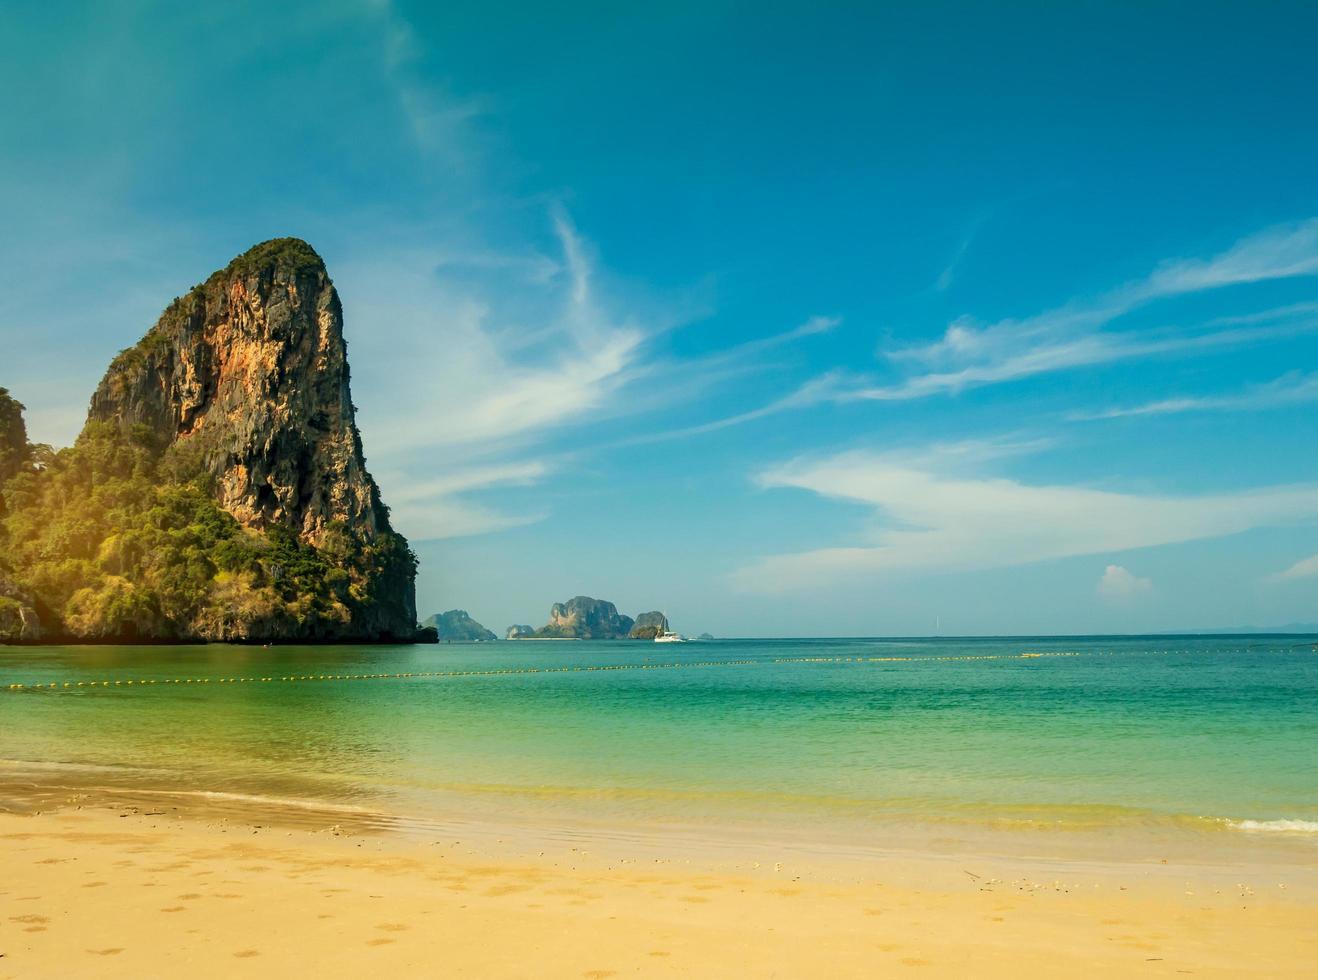 tropischer Strand und Kalksteinberge foto